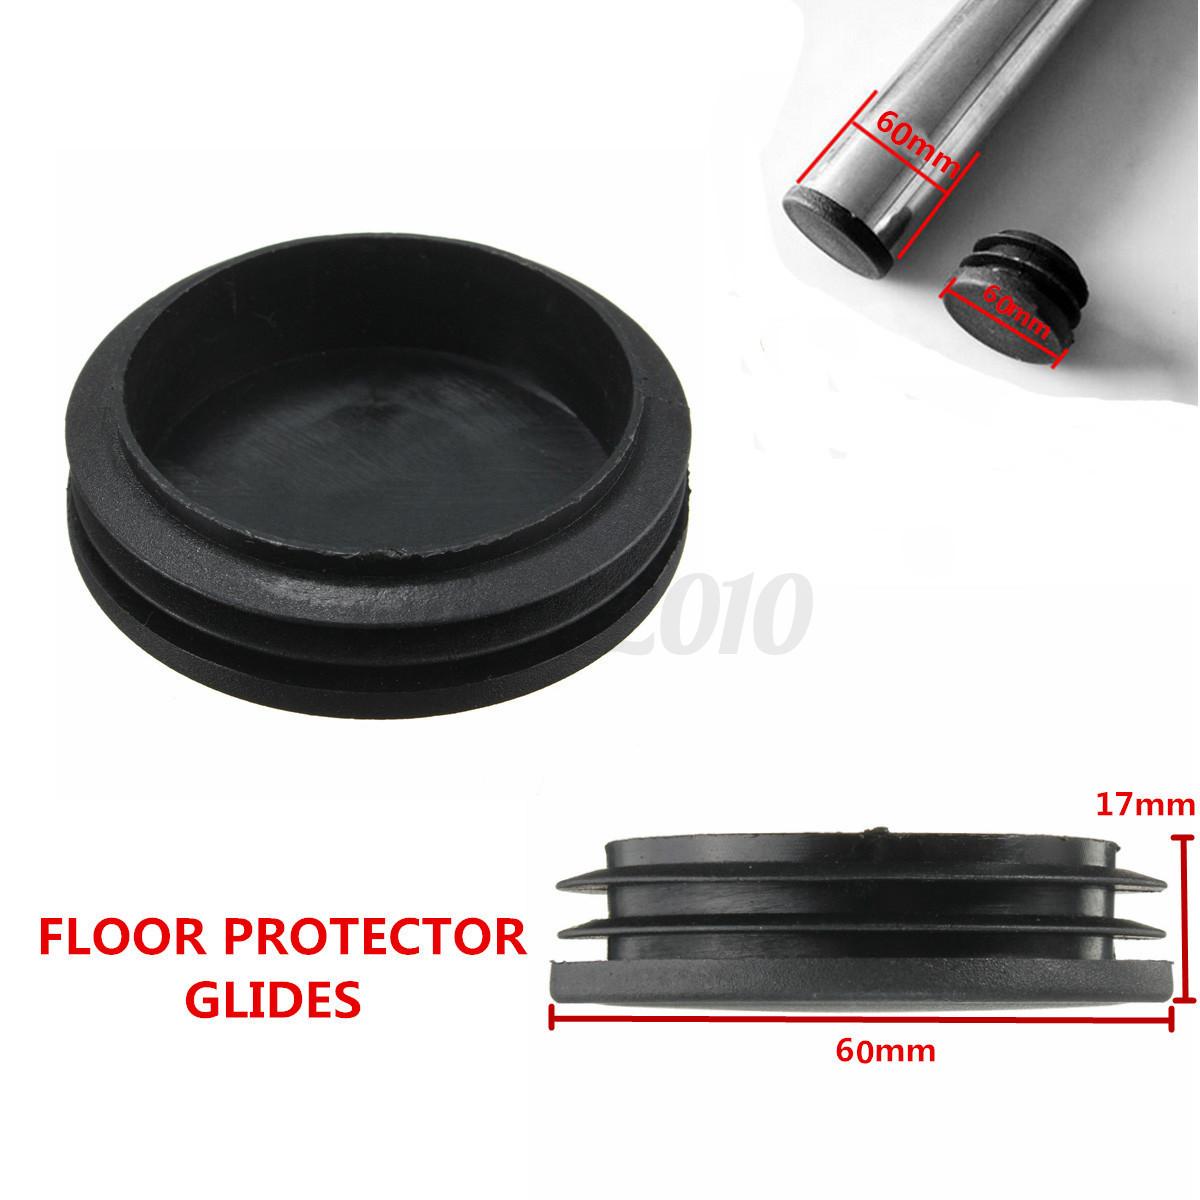 Castor Cups Floor Protector Glides Furniture Carpet Sofa  : BC82905797F657CDCF43CE03D69D9DC8935324CECE33D2CB13CF9967D22383CFC6D20336BC36CDD283663399C9F98366664636C9CDF5B083 from www.ebay.com size 1200 x 1200 jpeg 186kB